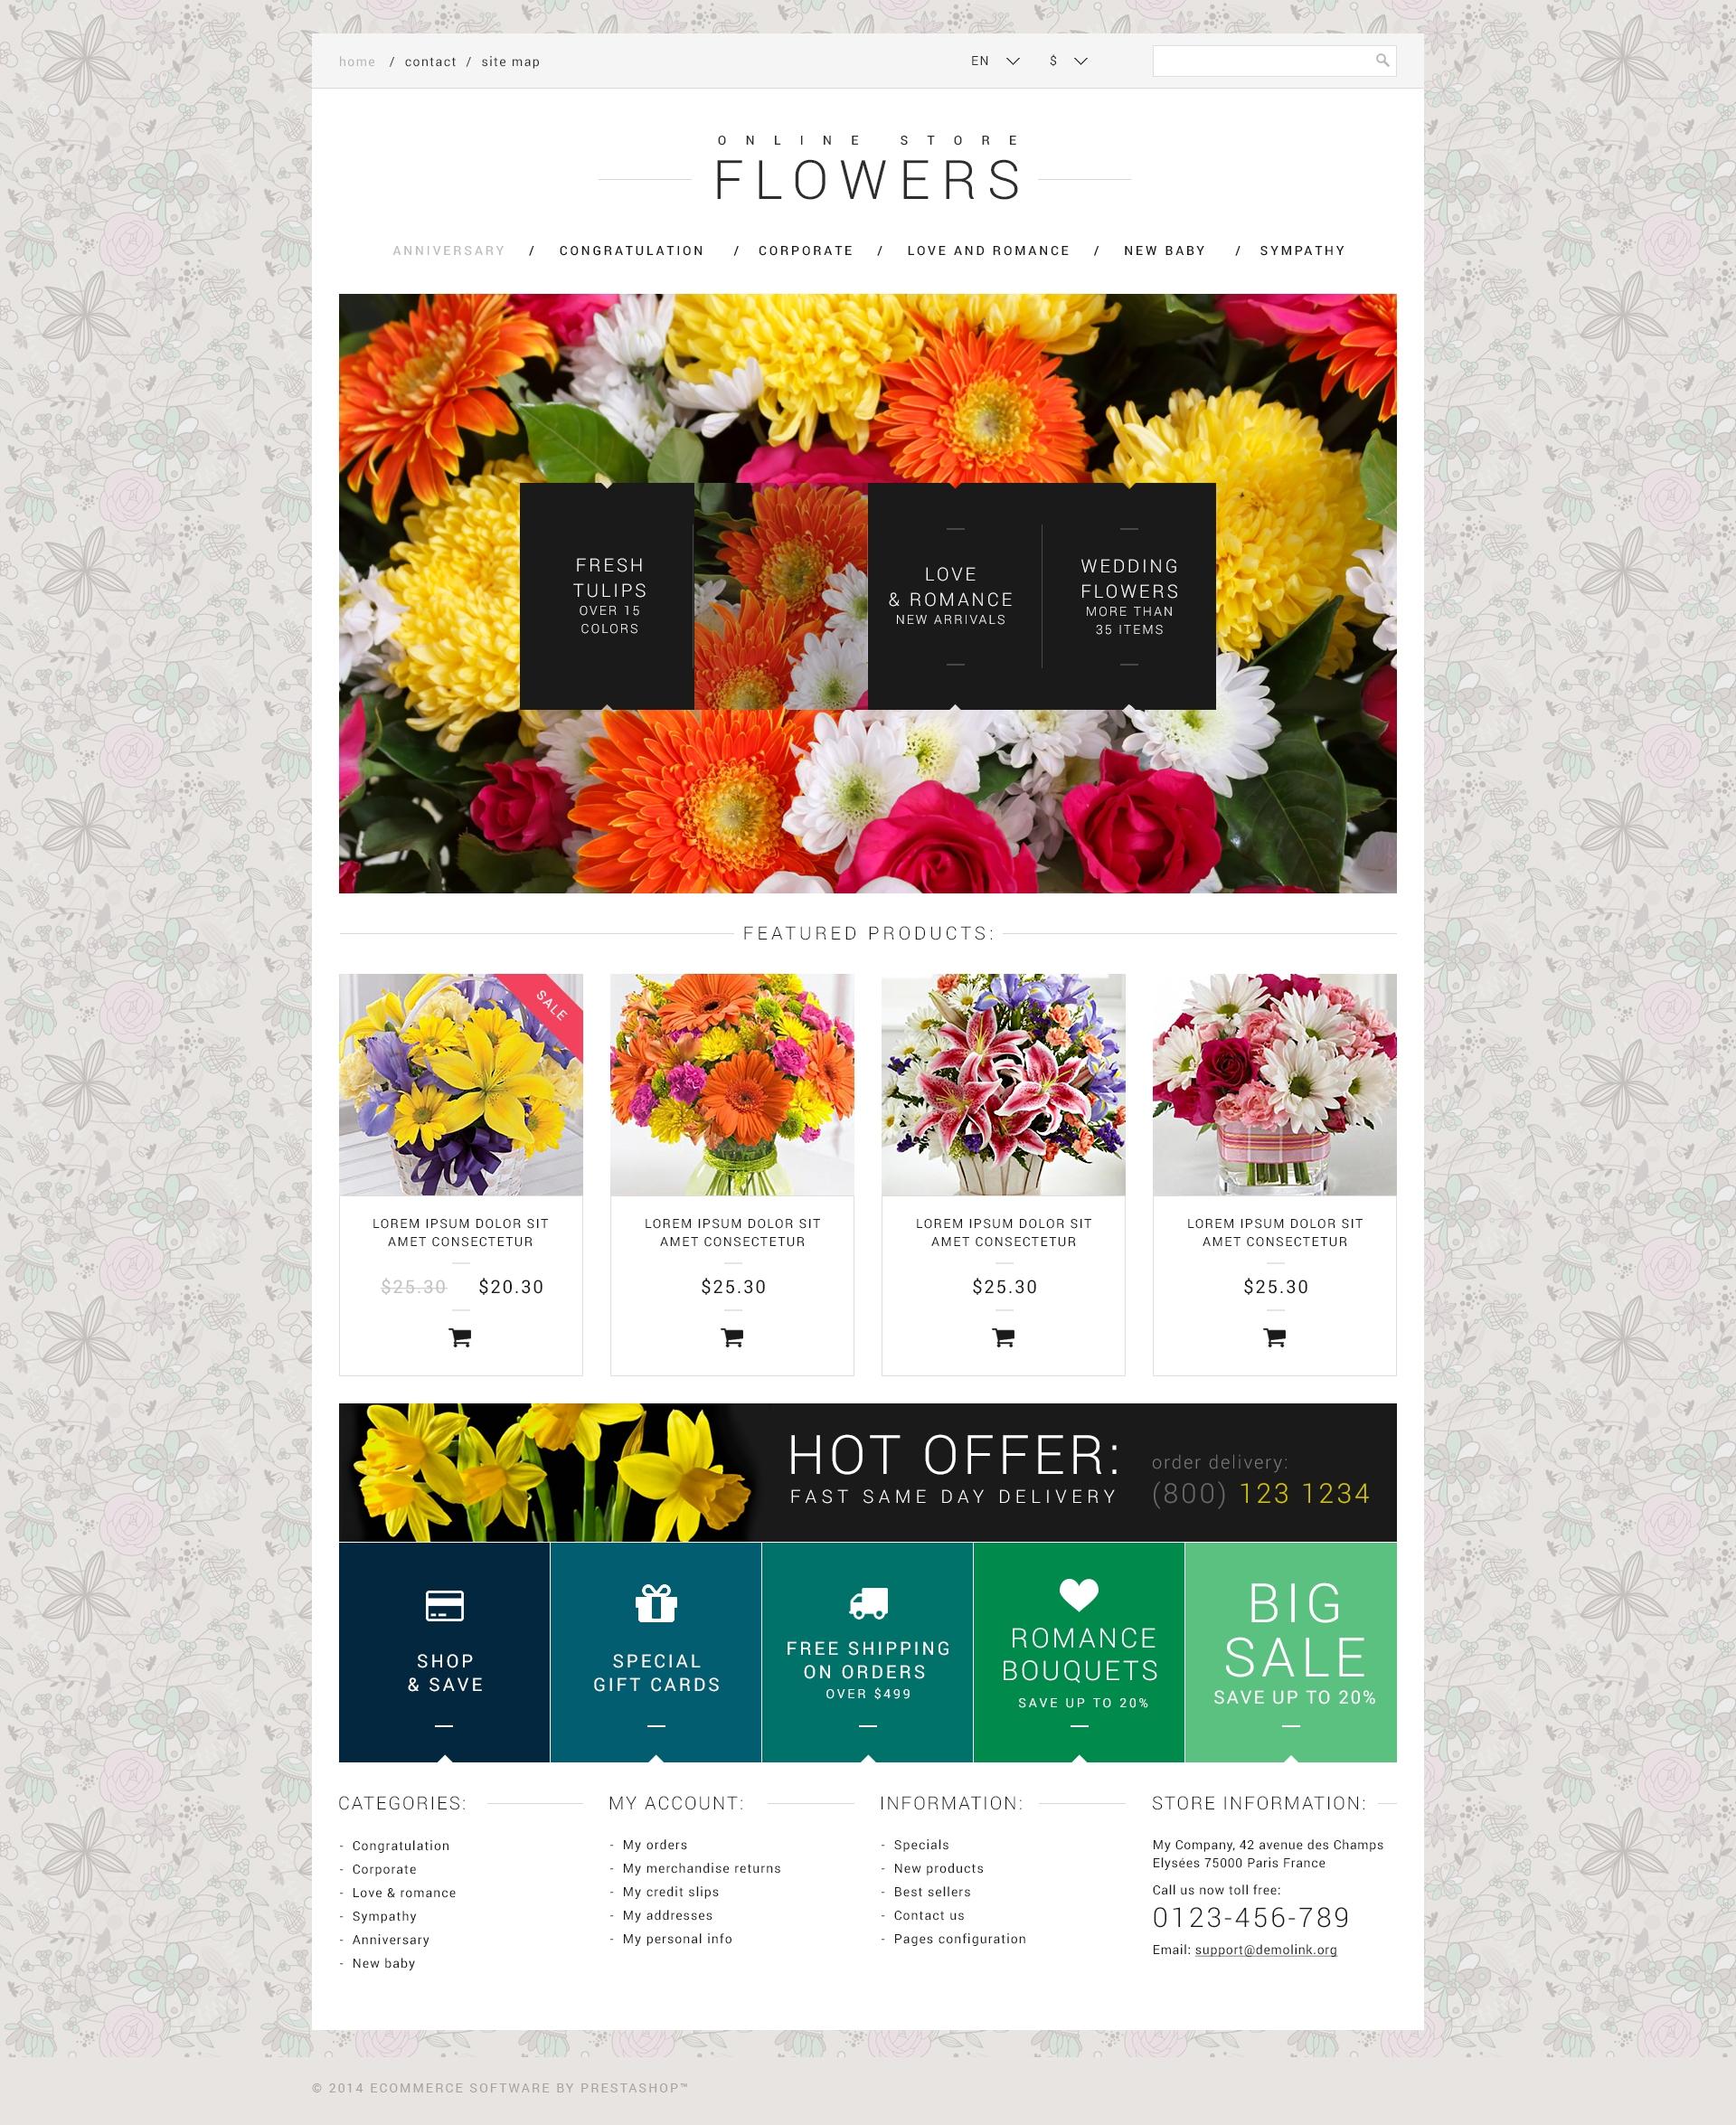 花网店网页模板 #50971